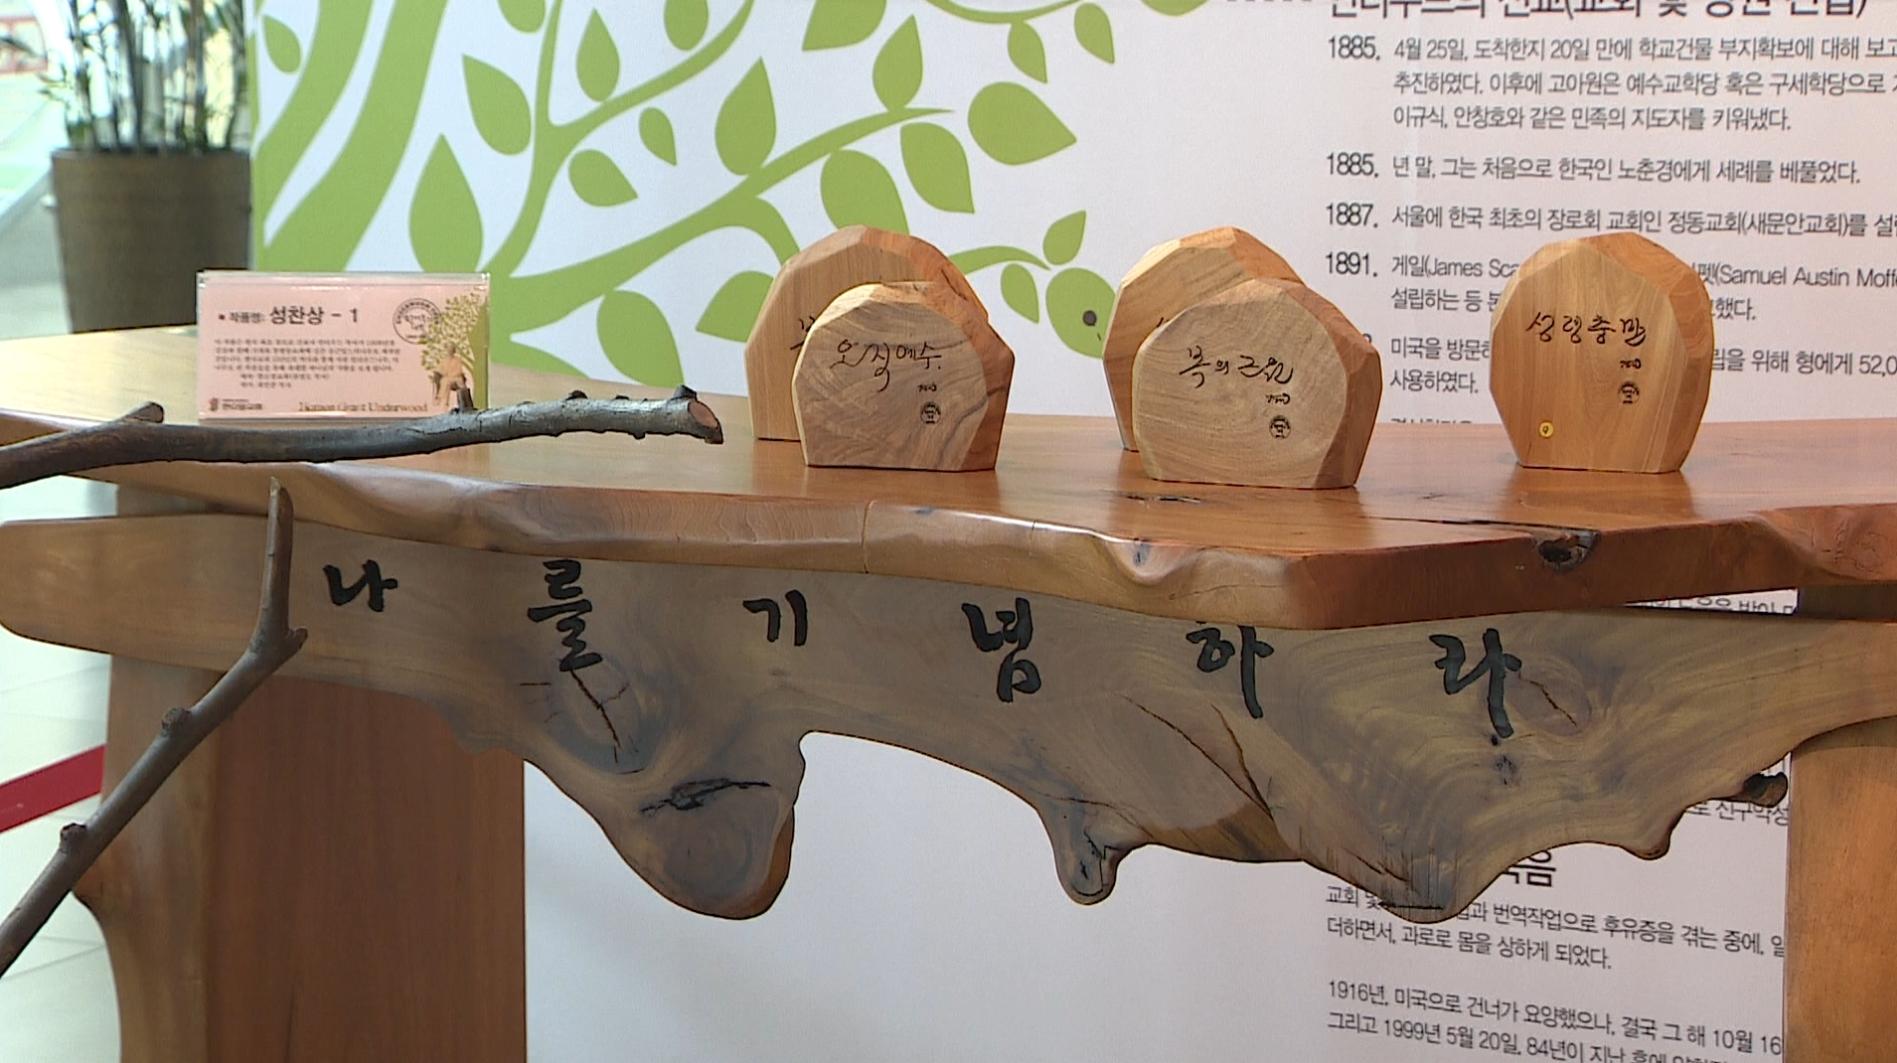 110년 된 '언더우드 나무', 예술작품으로 재탄생